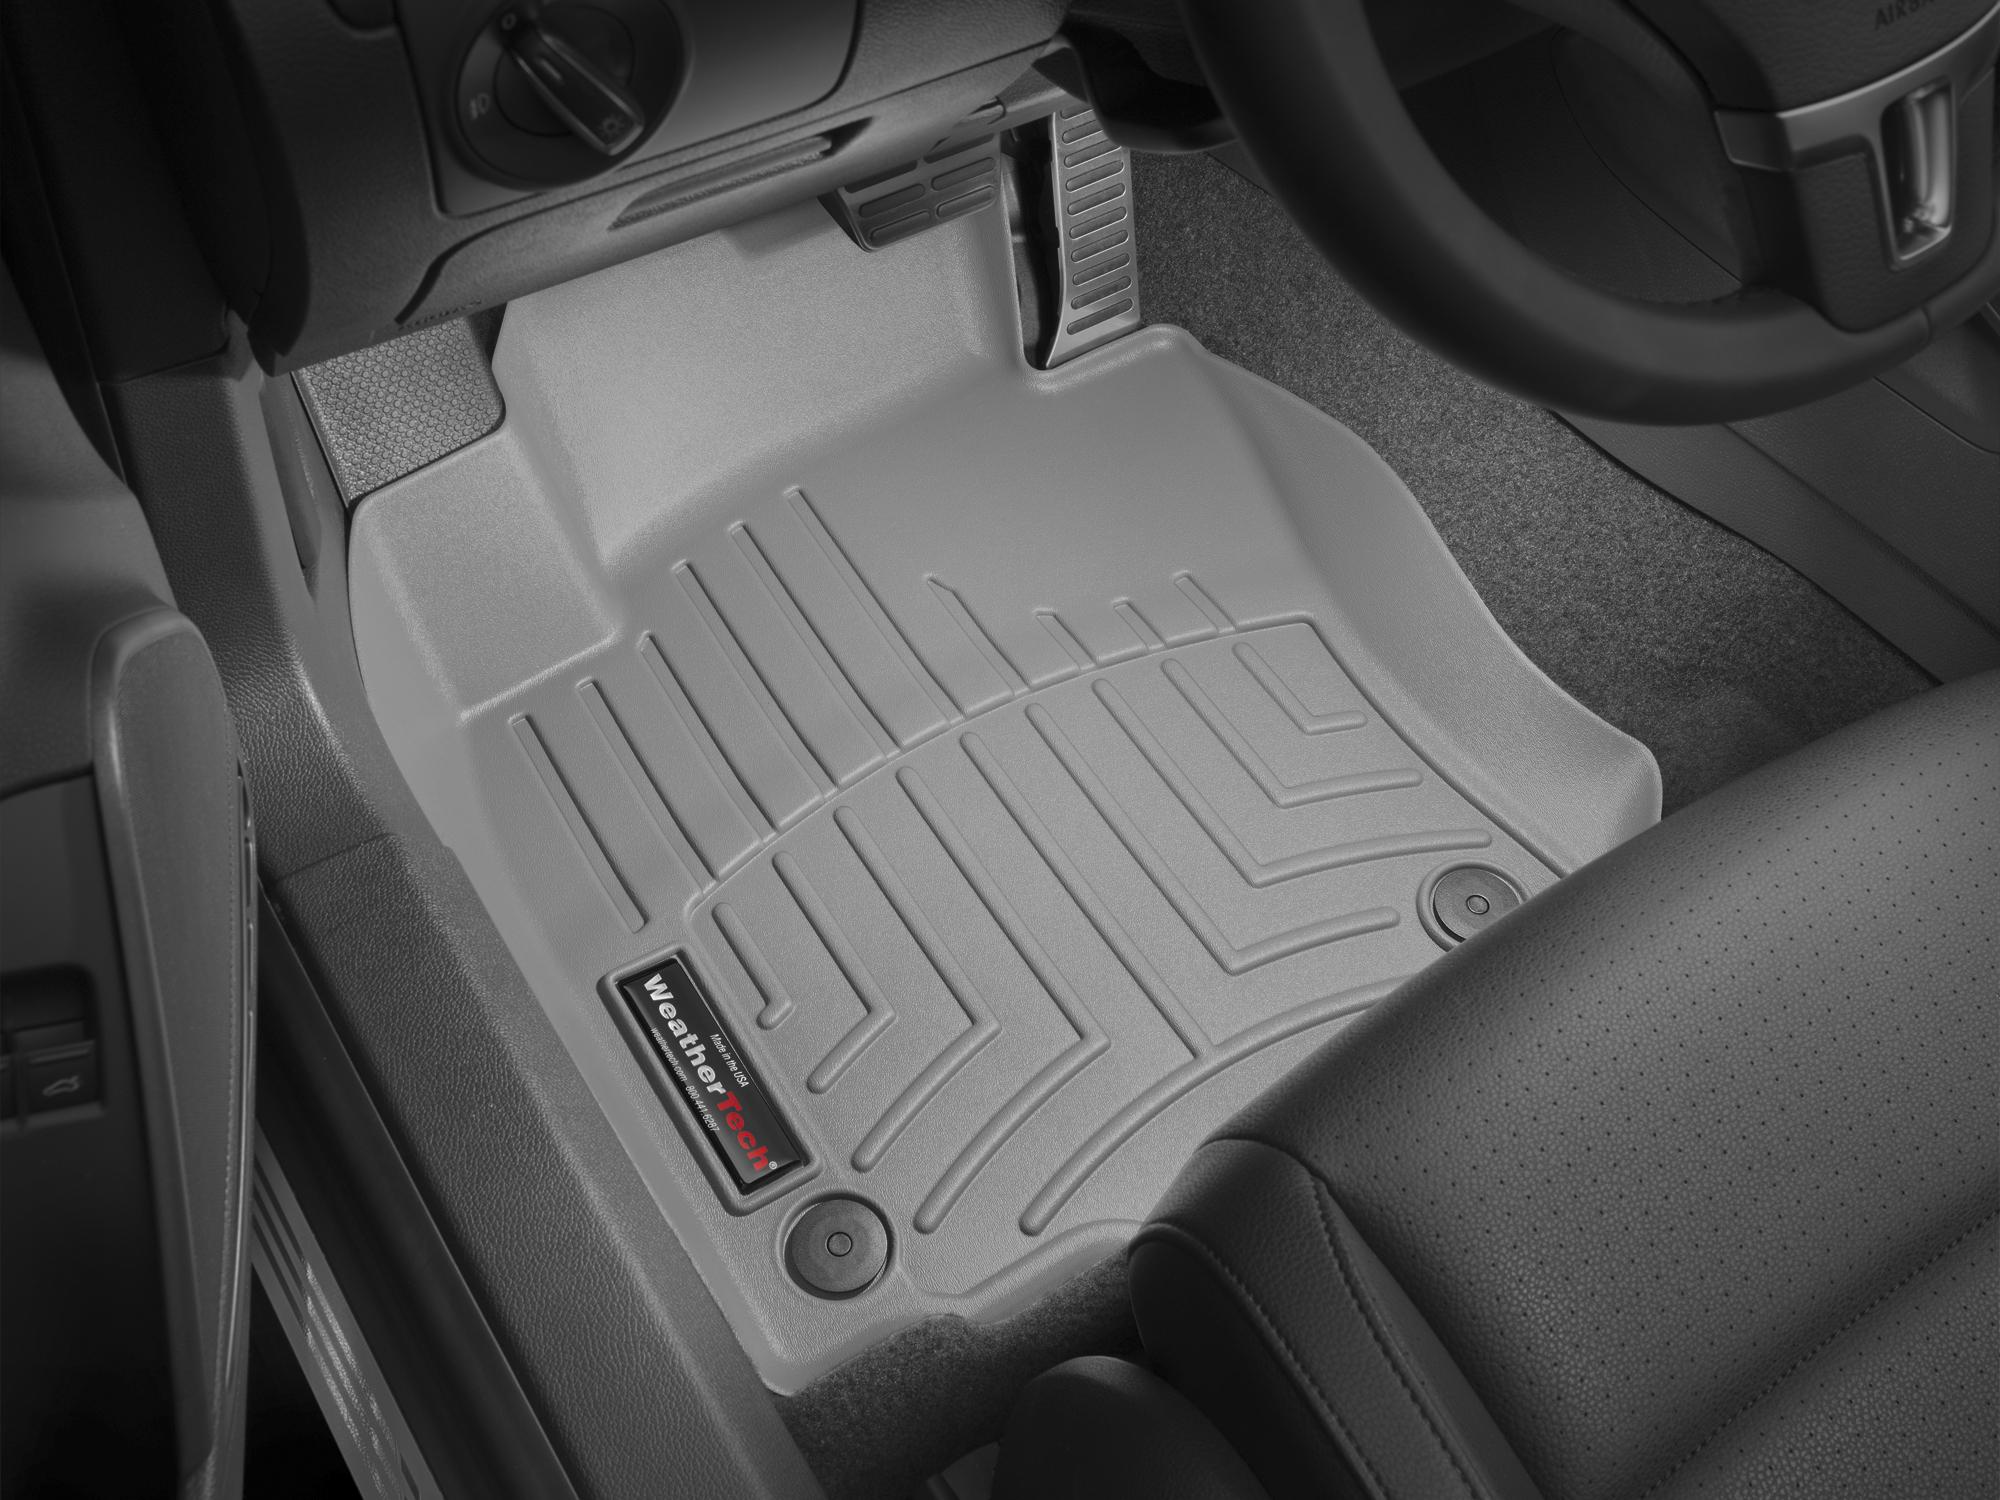 Tappeti gomma su misura bordo alto Volkswagen Golf 04>11 Grigio A4029*